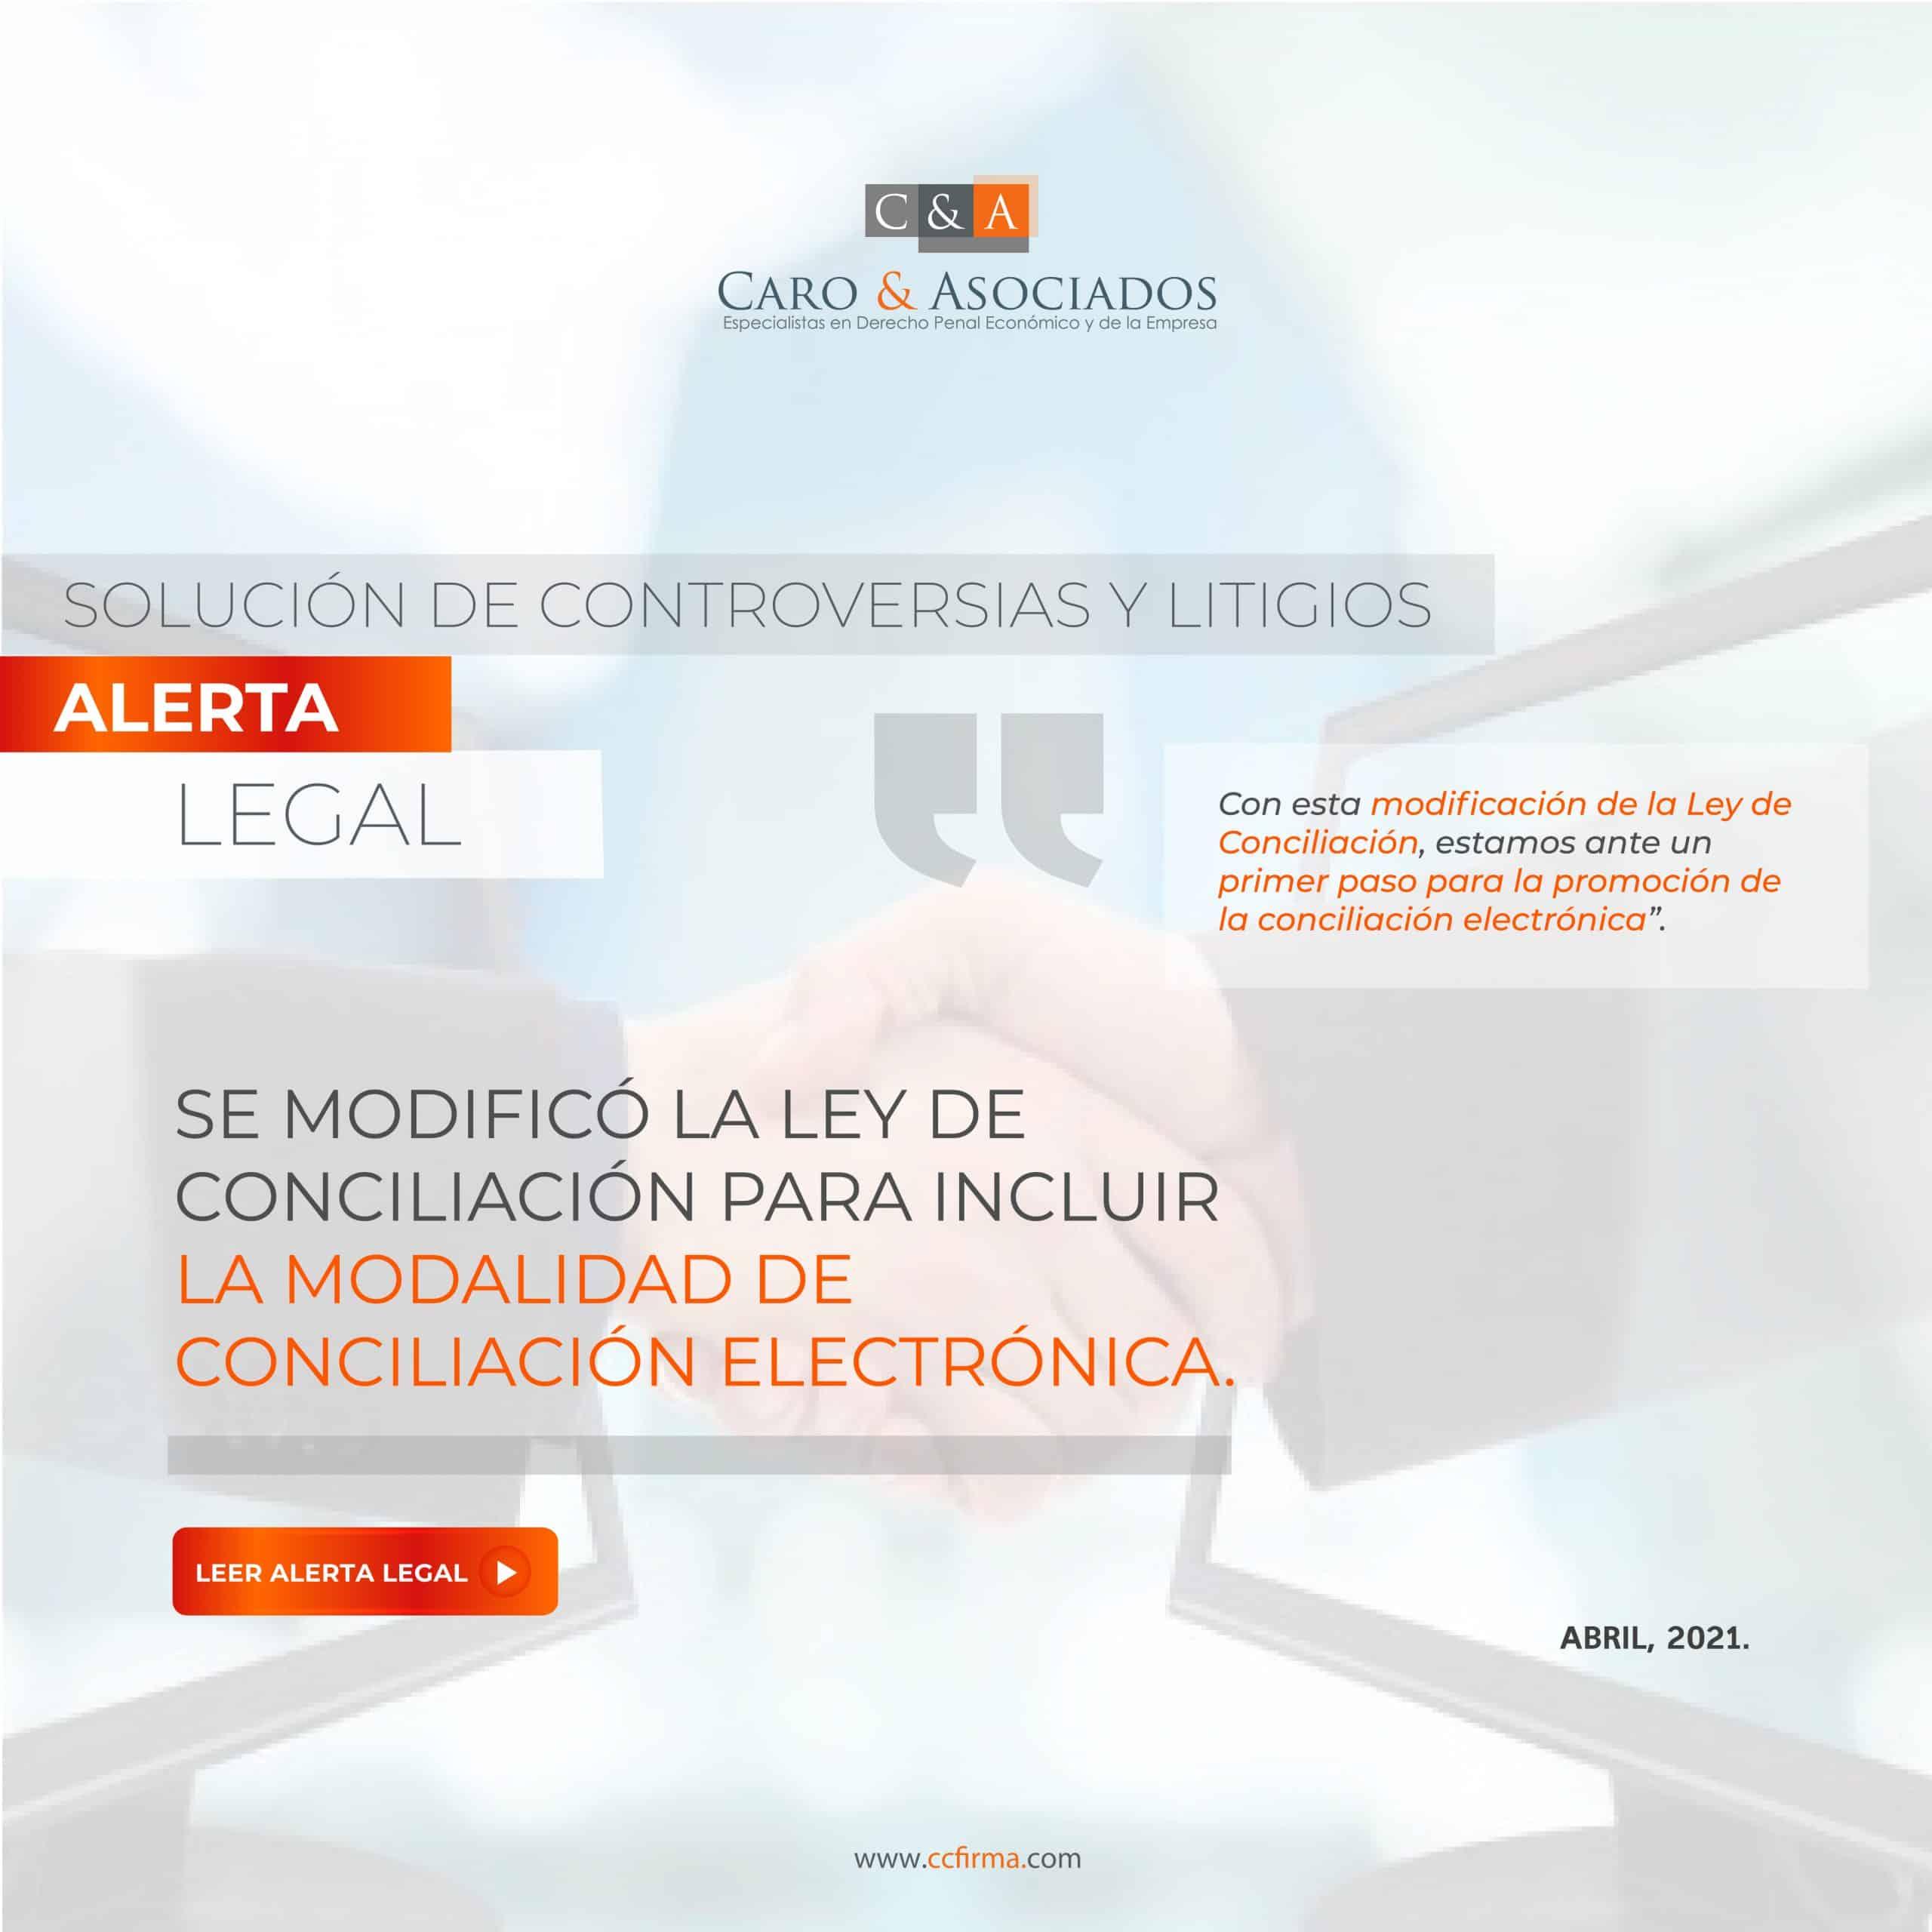 Alerta Legal: Se Modificó La Ley De Conciliación Para Incluir La Modalidad De Conciliación Electrónica.